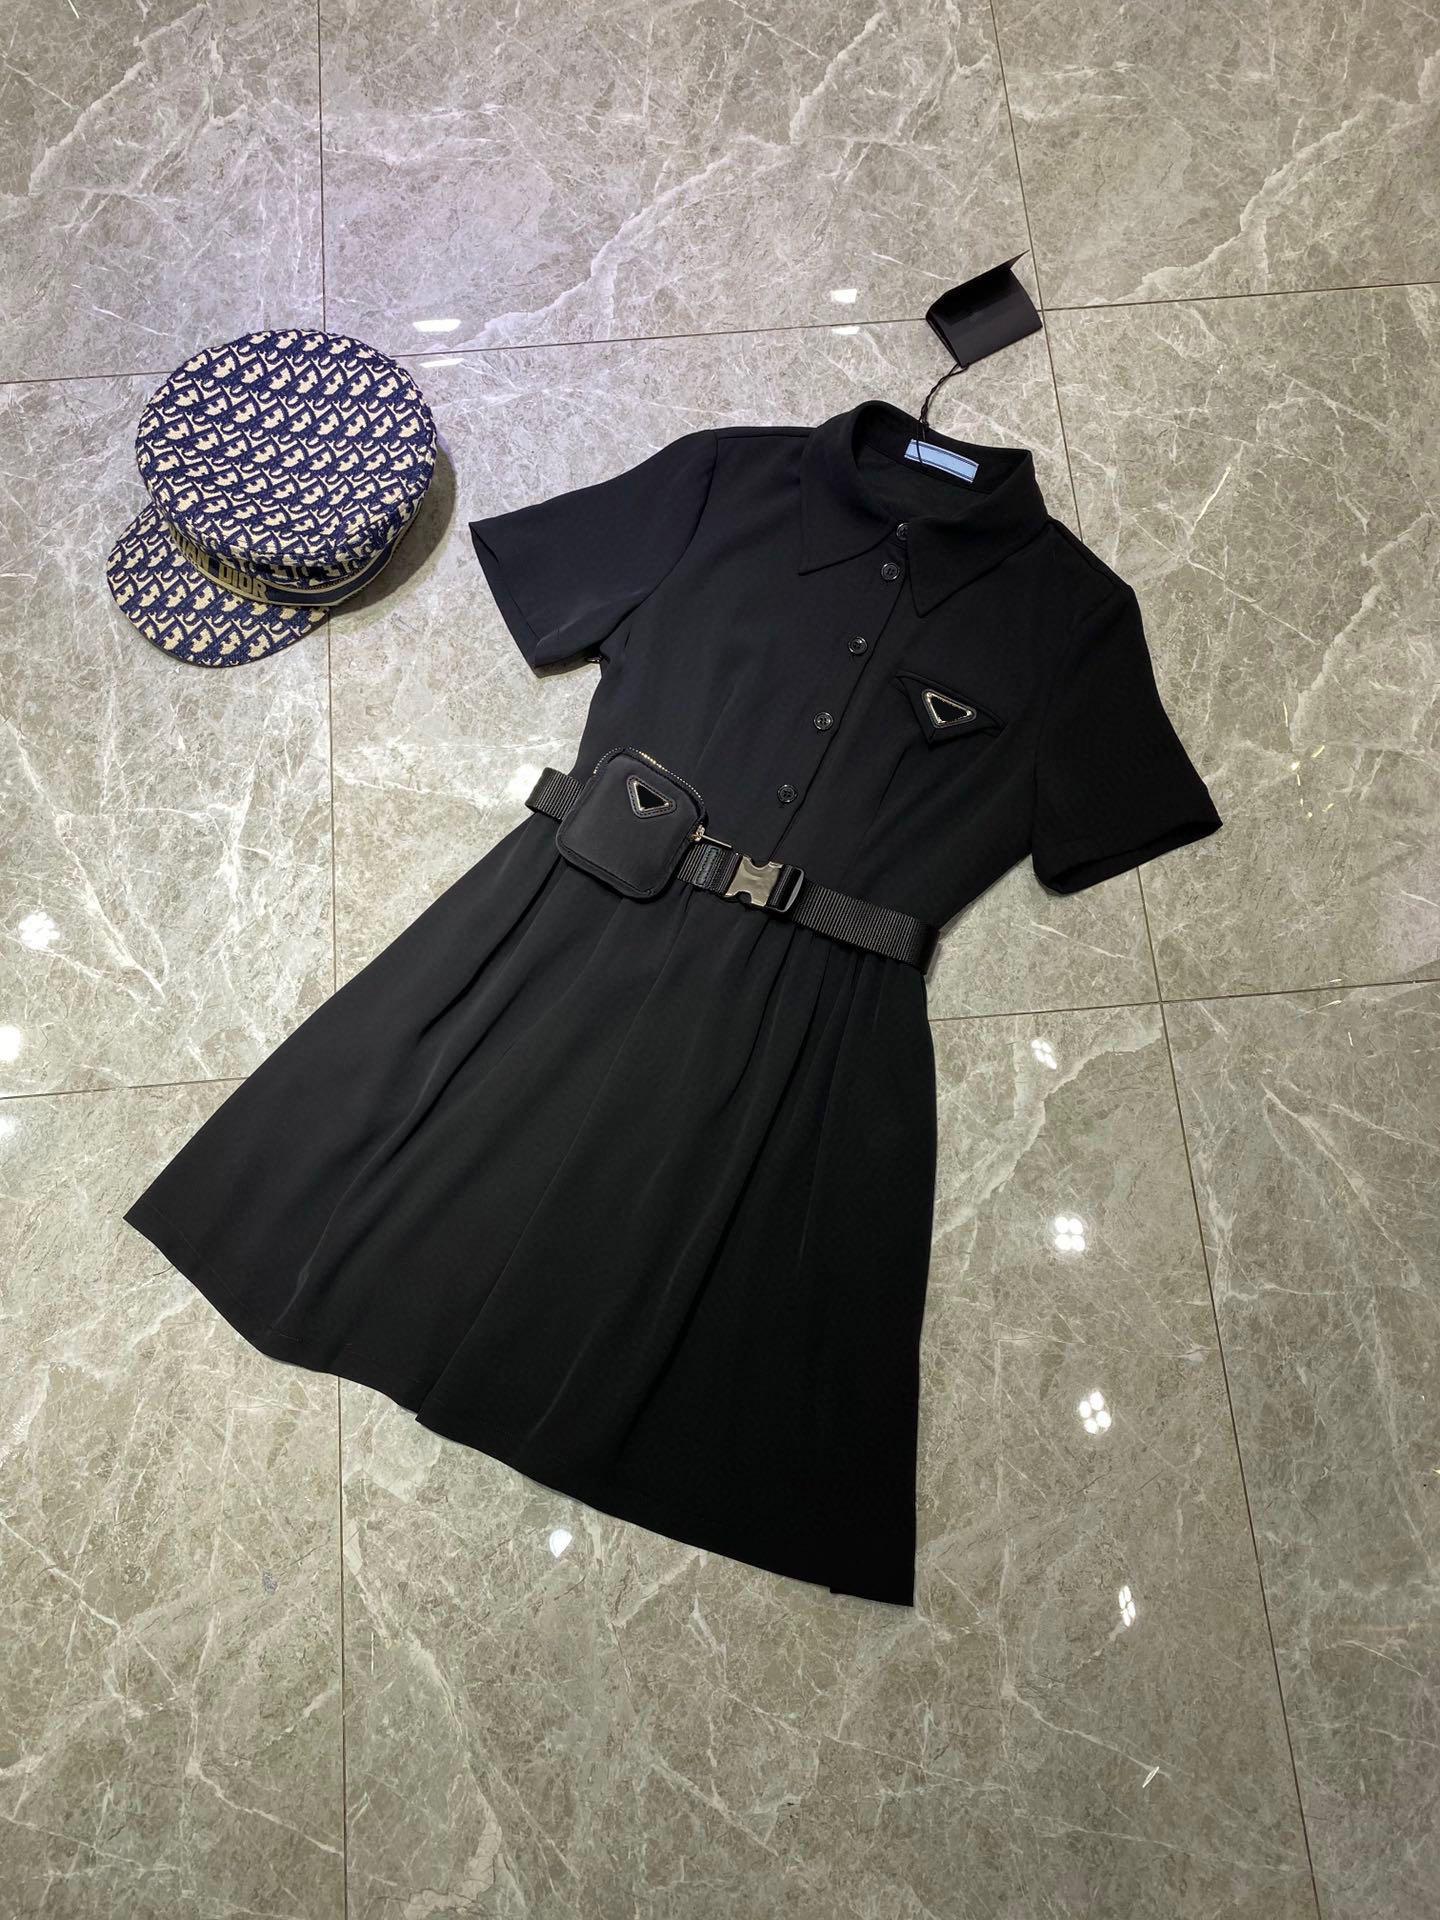 2021 desenhista vestido de lazer mulheres saia paris moda semana limitada edição invertida triângulo logotipo crachá na lapela de peito slim estrela mesmo estilo tops de verão